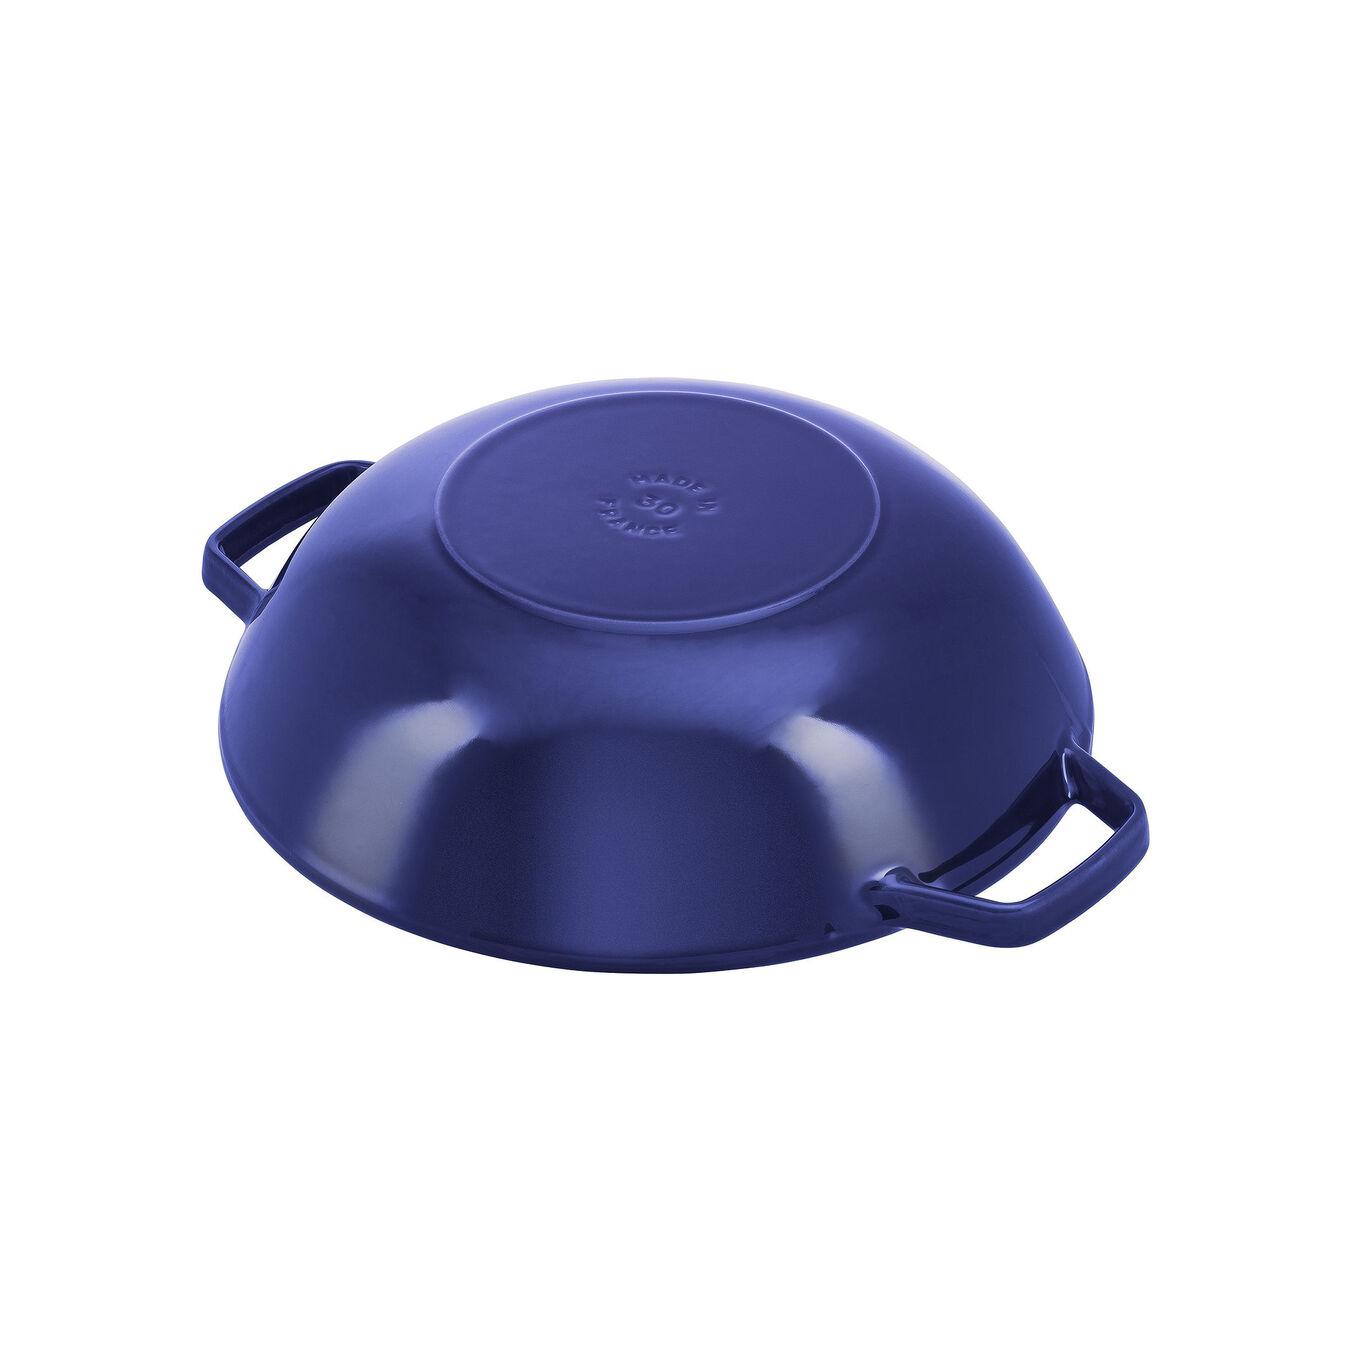 Wok con coperchio in vetro rotondo - 30 cm, blu scuro,,large 3